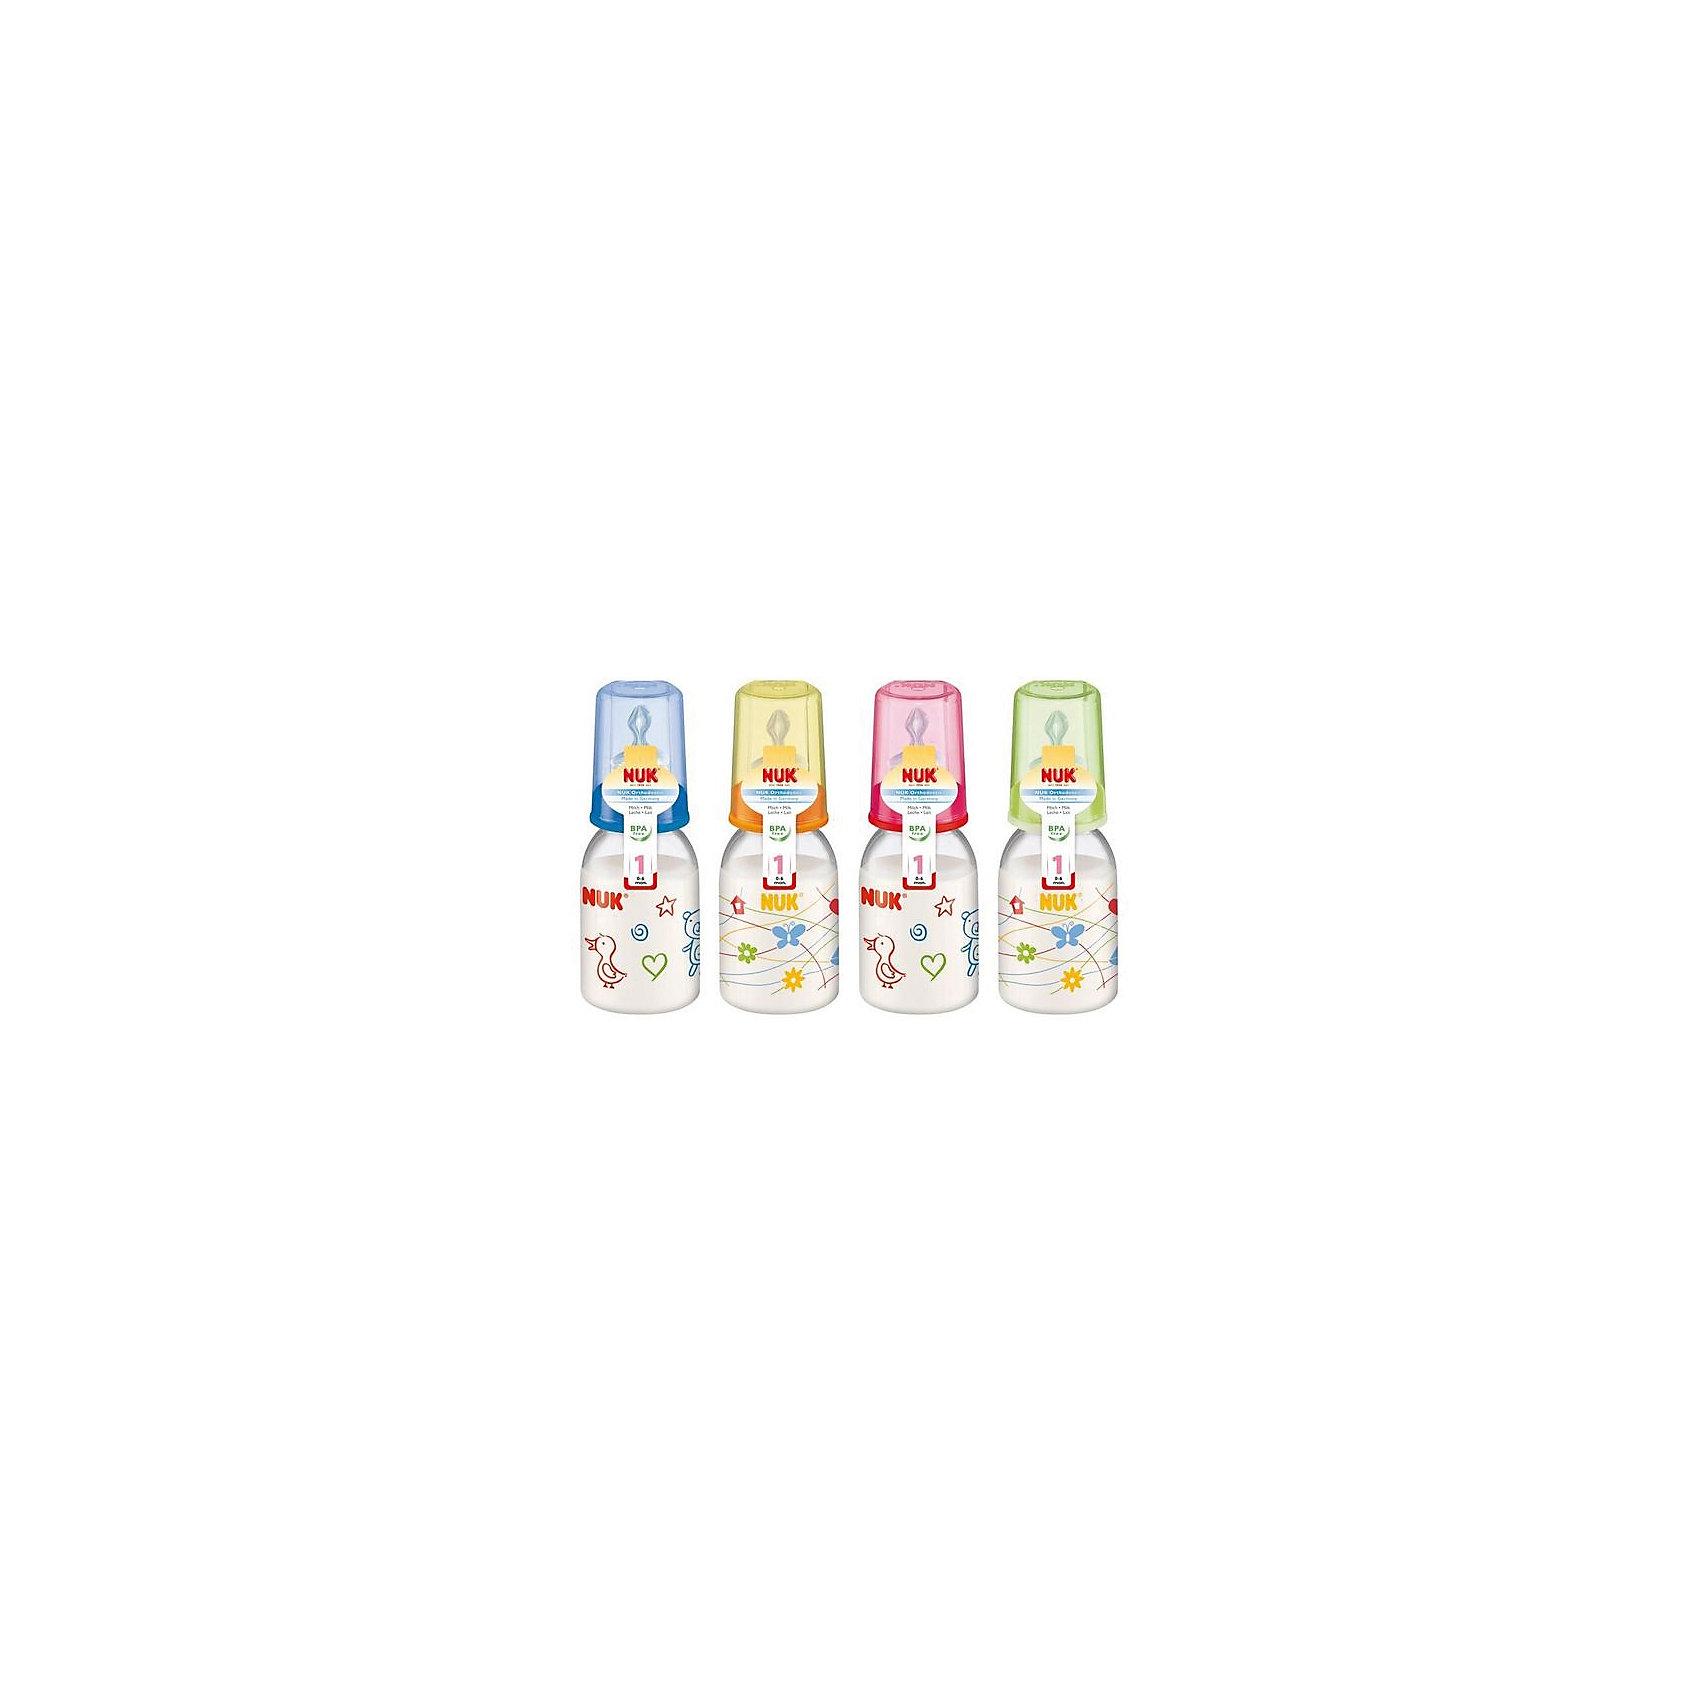 Бутылочка полипропиленовая (110 мл) с силиконовой соской, NUKОбеспечить ребенку правильное и комфортное питание - одна из важнейших задач родителей. Современные технологии помогают это сделать достаточно легко. Пример тому: эта бутылочка со специальной соской.<br>Бутылочка имеет удобную форму, она герметична и сделана из безопасного даже для самых маленьких пластика. Соска произведена из силикона - на сегодняшний день это один из лучших материалов для производства сосок. Она имеет отверстие, рассчитанное на жидкое питание. Форма соски позволяет обеспечить малышу комфорт при питании, а также предотвратить заглатывание воздуха и образование колик. Подарите удобство себе и ребенку!<br><br>Дополнительная информация:<br><br>цвет: разноцветный;<br>материал: пластик, силикон;<br>возраст ребенка: от рождения до 6 месяцев;<br>противоколиковый клапан;<br>для жидких продуктов;<br>объем: 110 мл.<br><br>Бутылочку полипропиленовую (110 мл) с силиконовой соской от компании NUK можно купить в нашем магазине.<br><br>Ширина мм: 55<br>Глубина мм: 55<br>Высота мм: 100<br>Вес г: 120<br>Возраст от месяцев: -2147483648<br>Возраст до месяцев: 2147483647<br>Пол: Унисекс<br>Возраст: Детский<br>SKU: 3932429